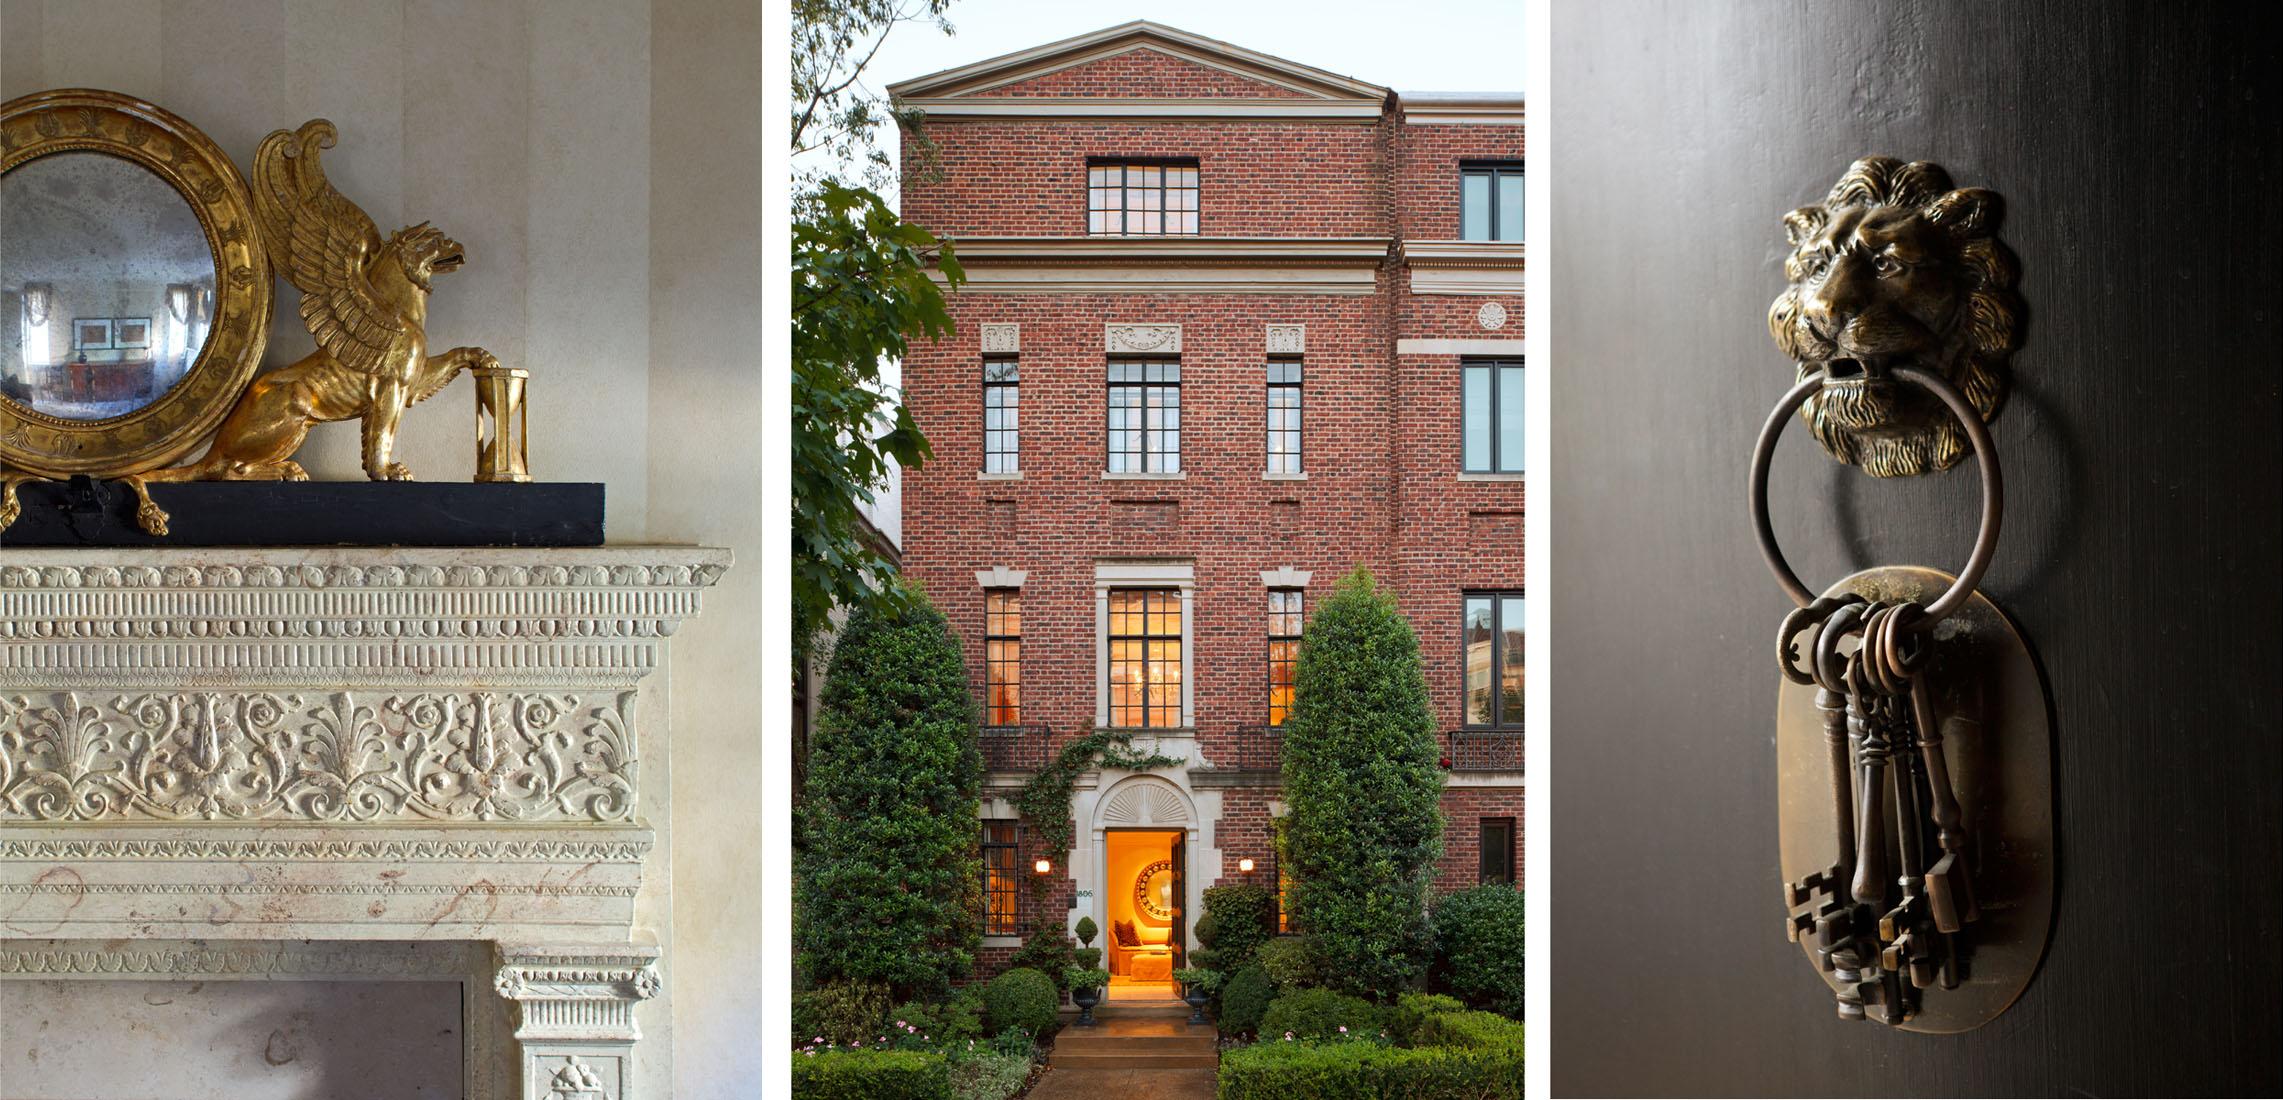 Mary Douglas DrysdaleSullivan ResidenceEmbassy RowWashington, DC